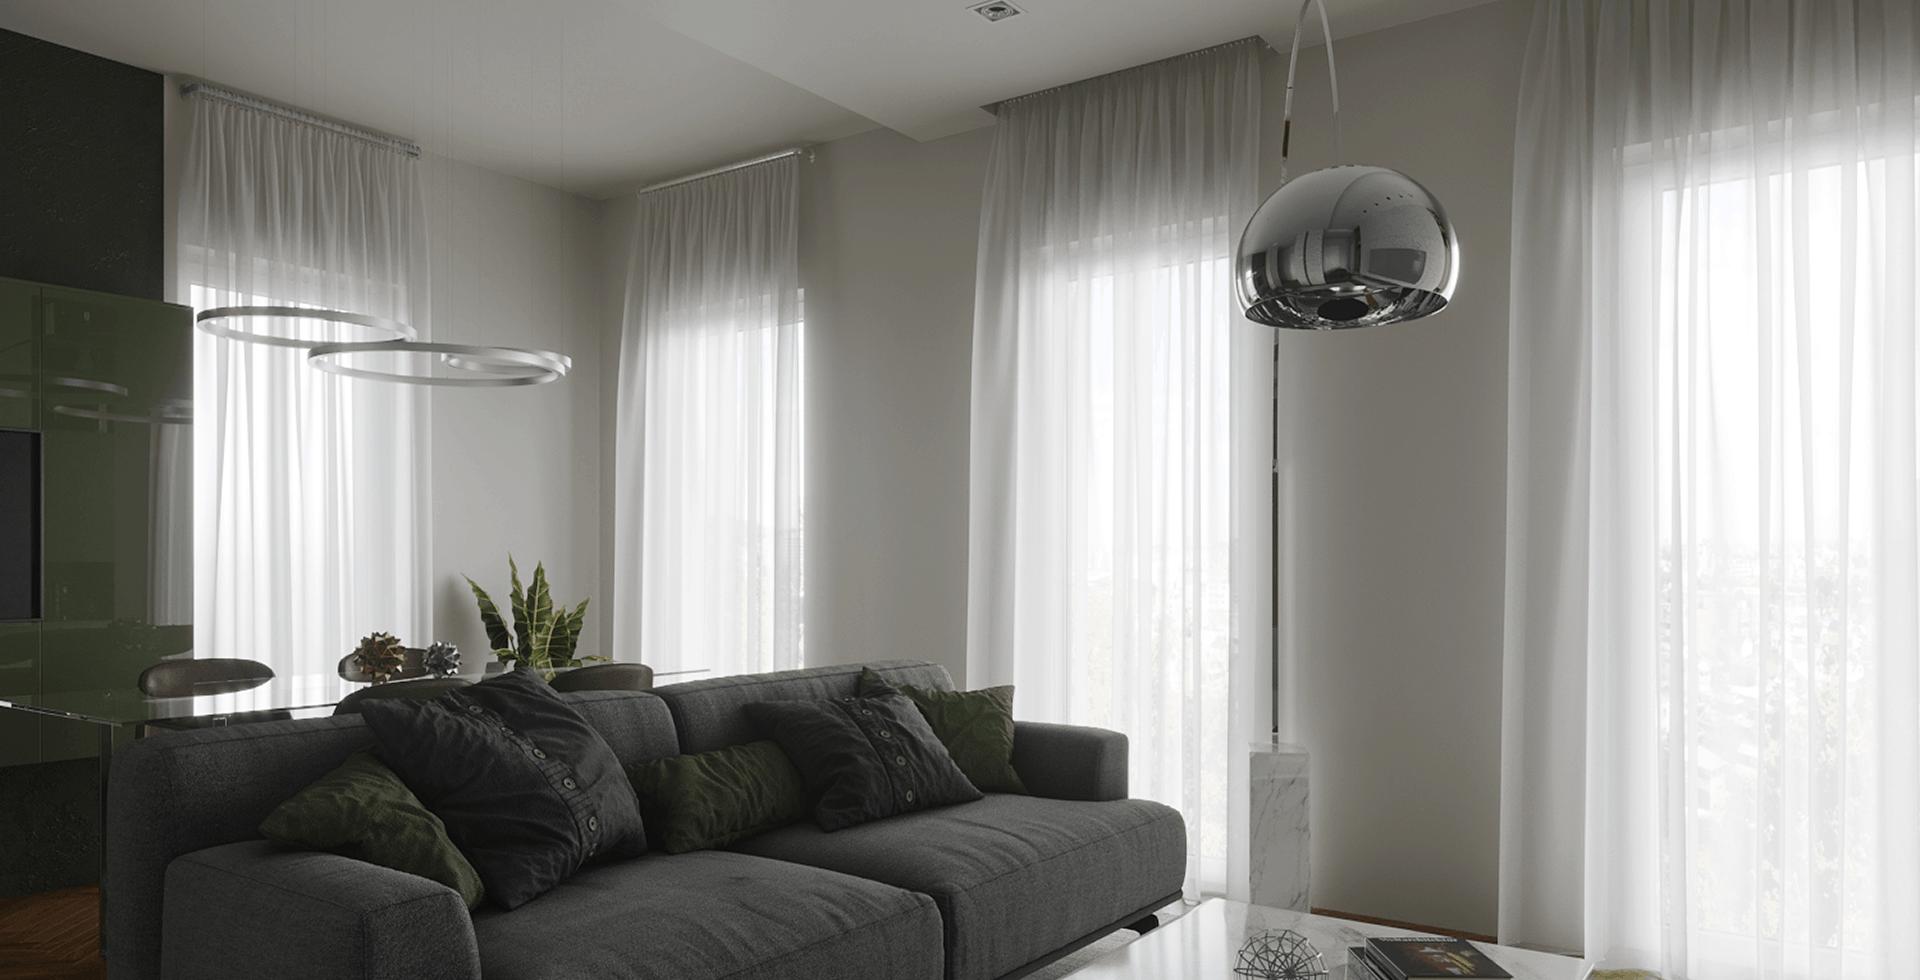 Progetto interior design architetto D'Amico Arreda